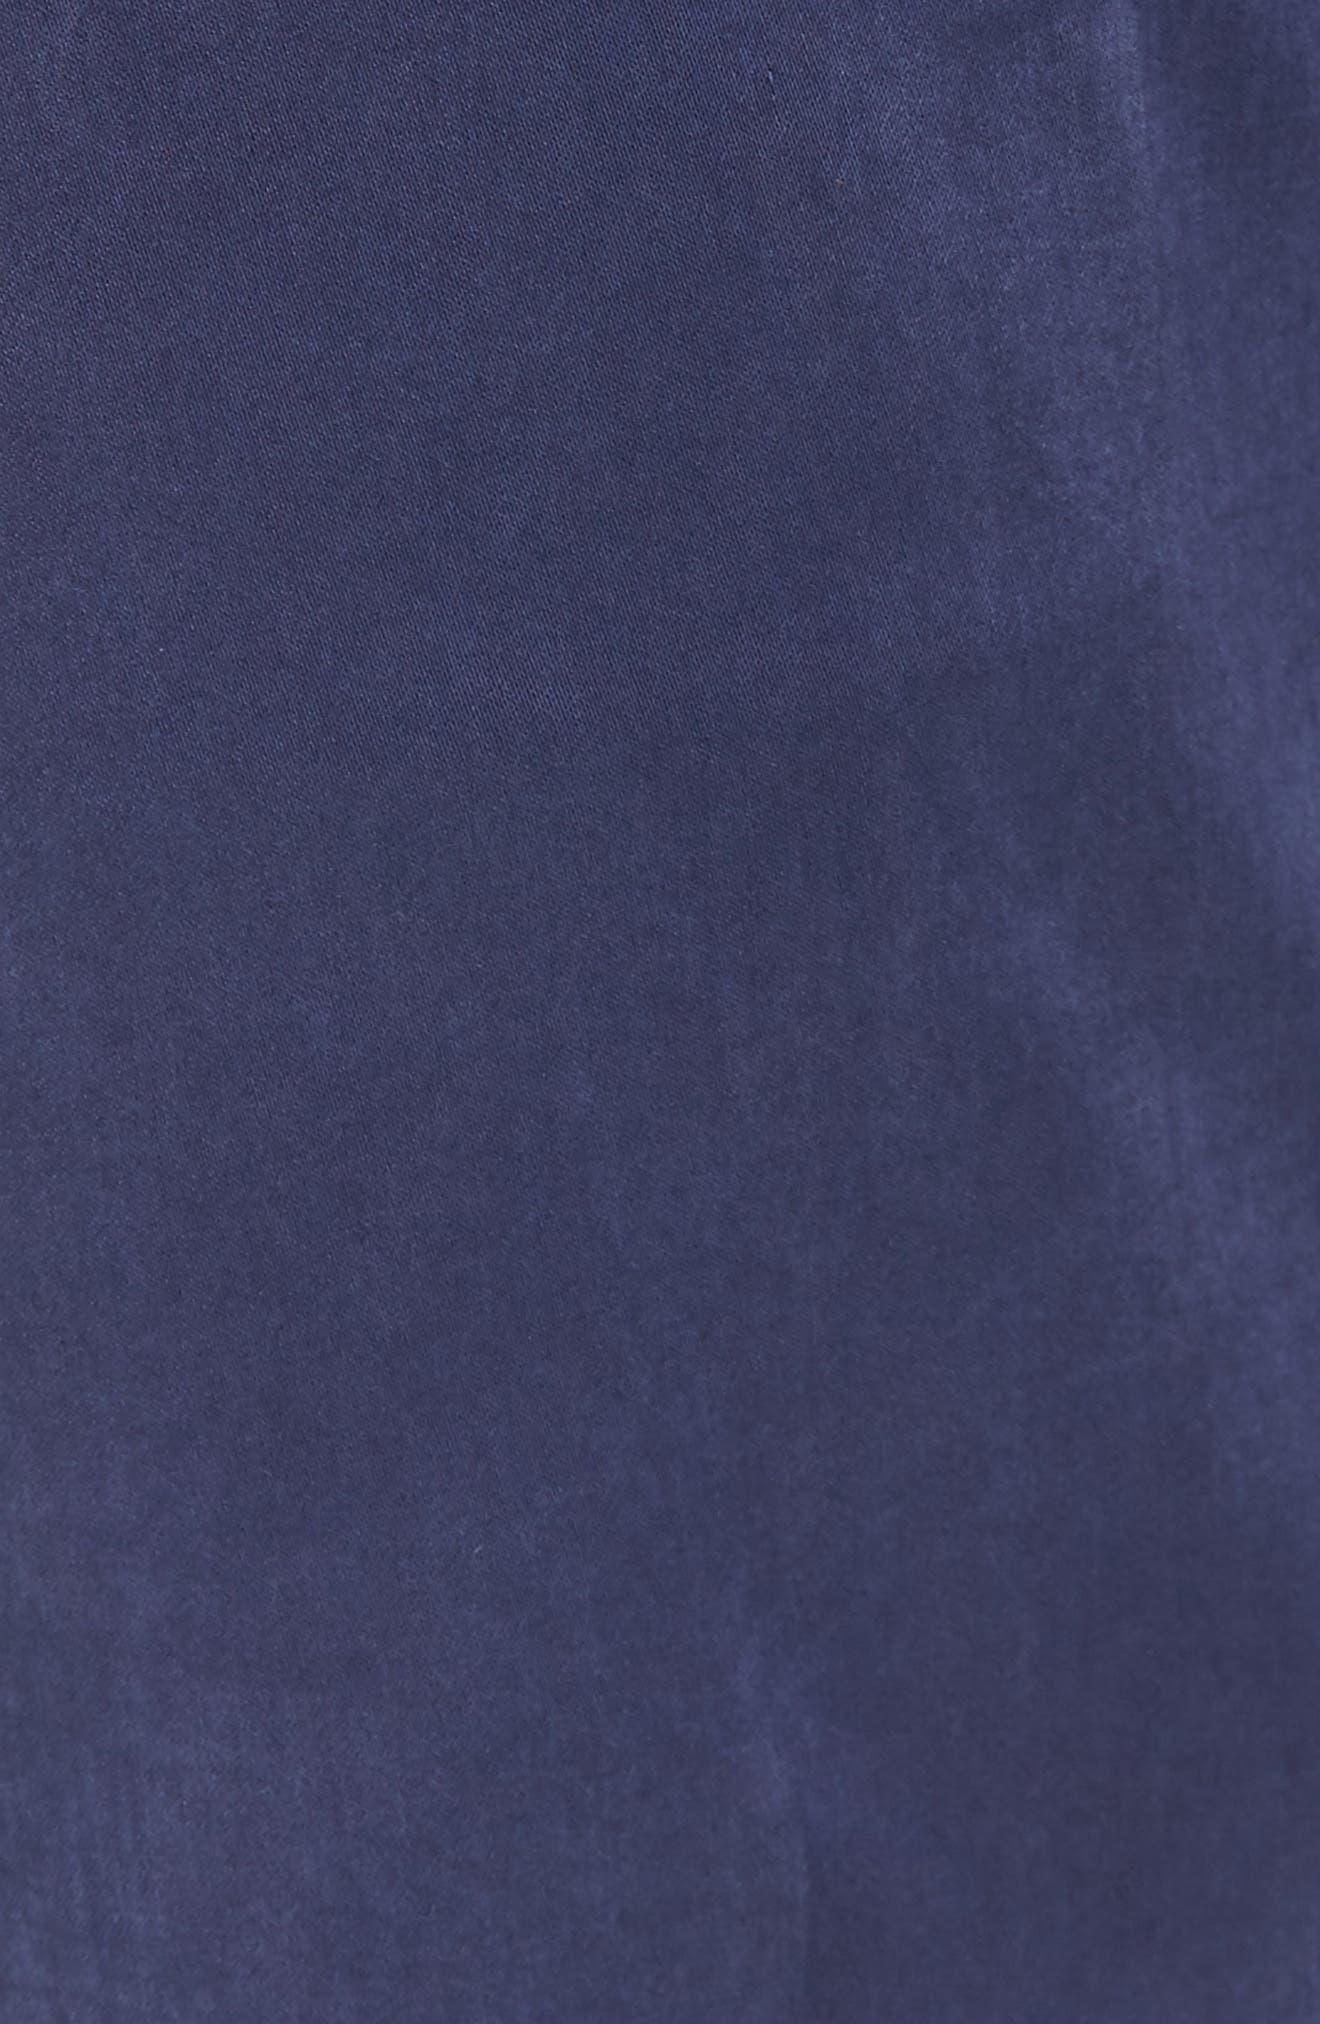 Slim Fit Washed Five-Pocket Pants,                             Alternate thumbnail 19, color,